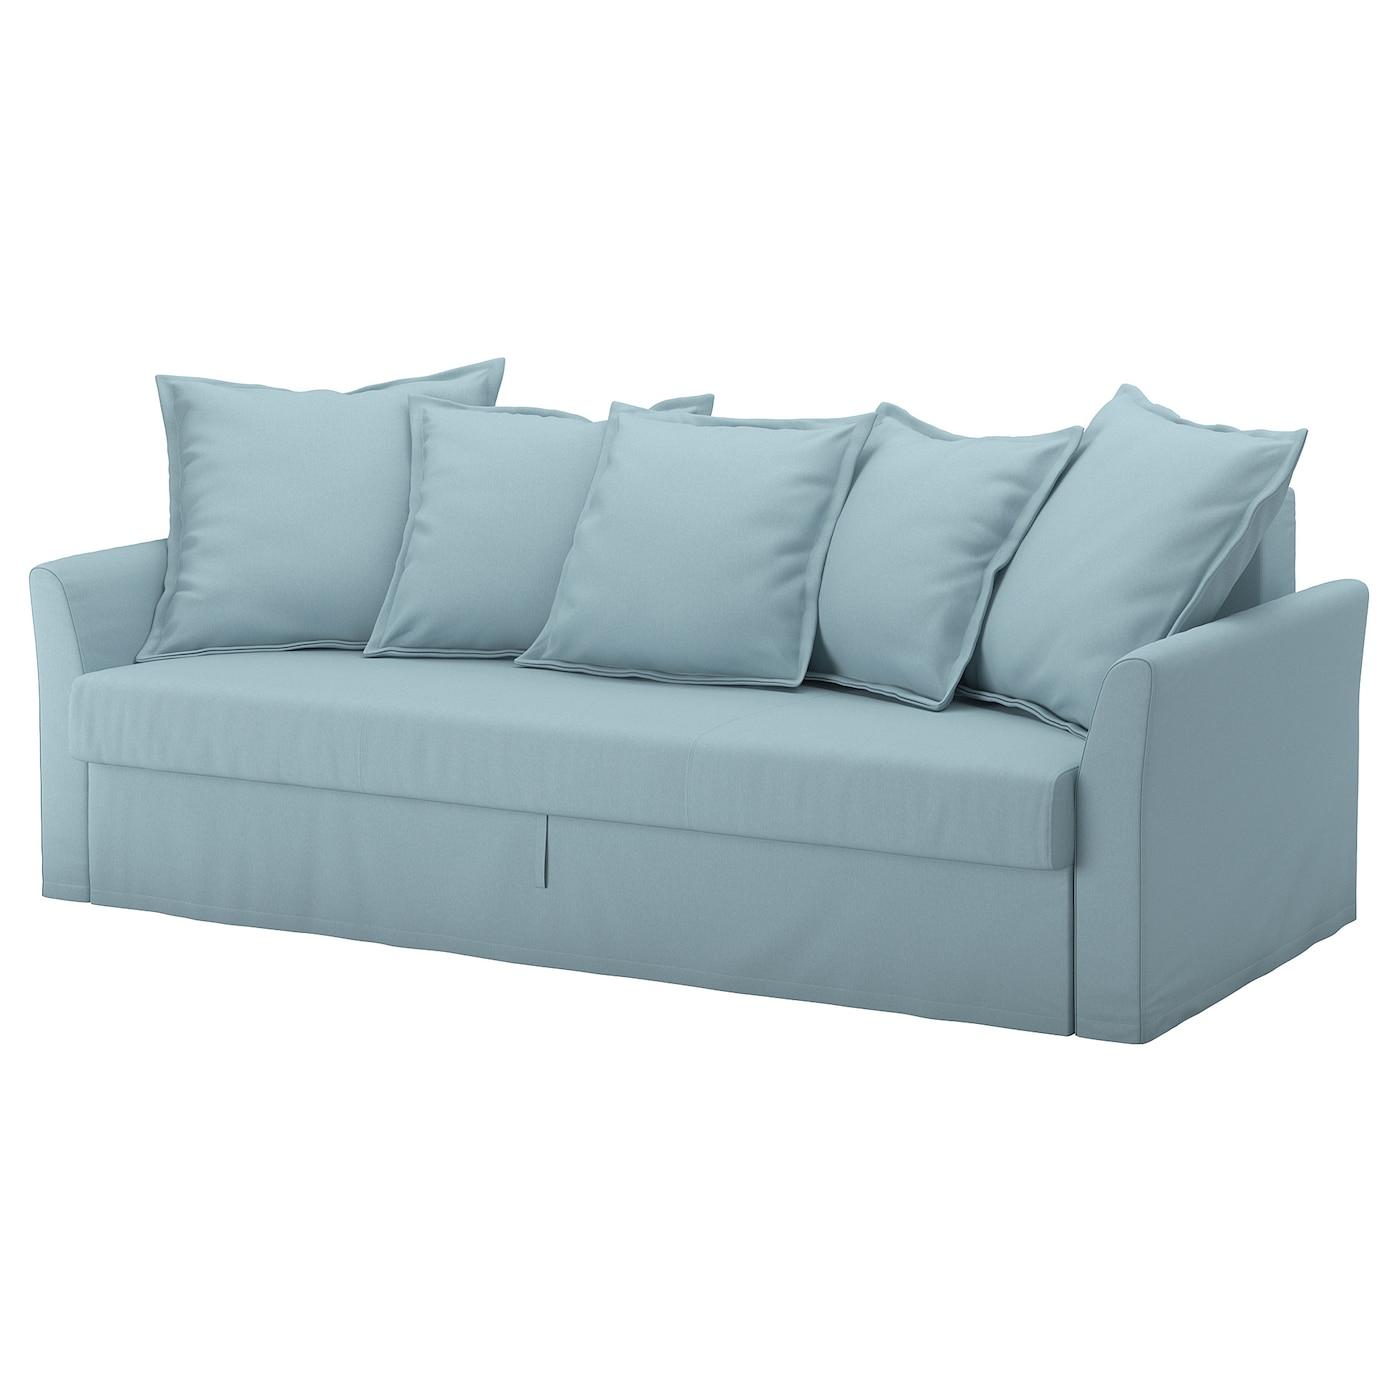 IKEA HOLMSUND jasnoniebieska, trzyosobowa sofa rozkładana